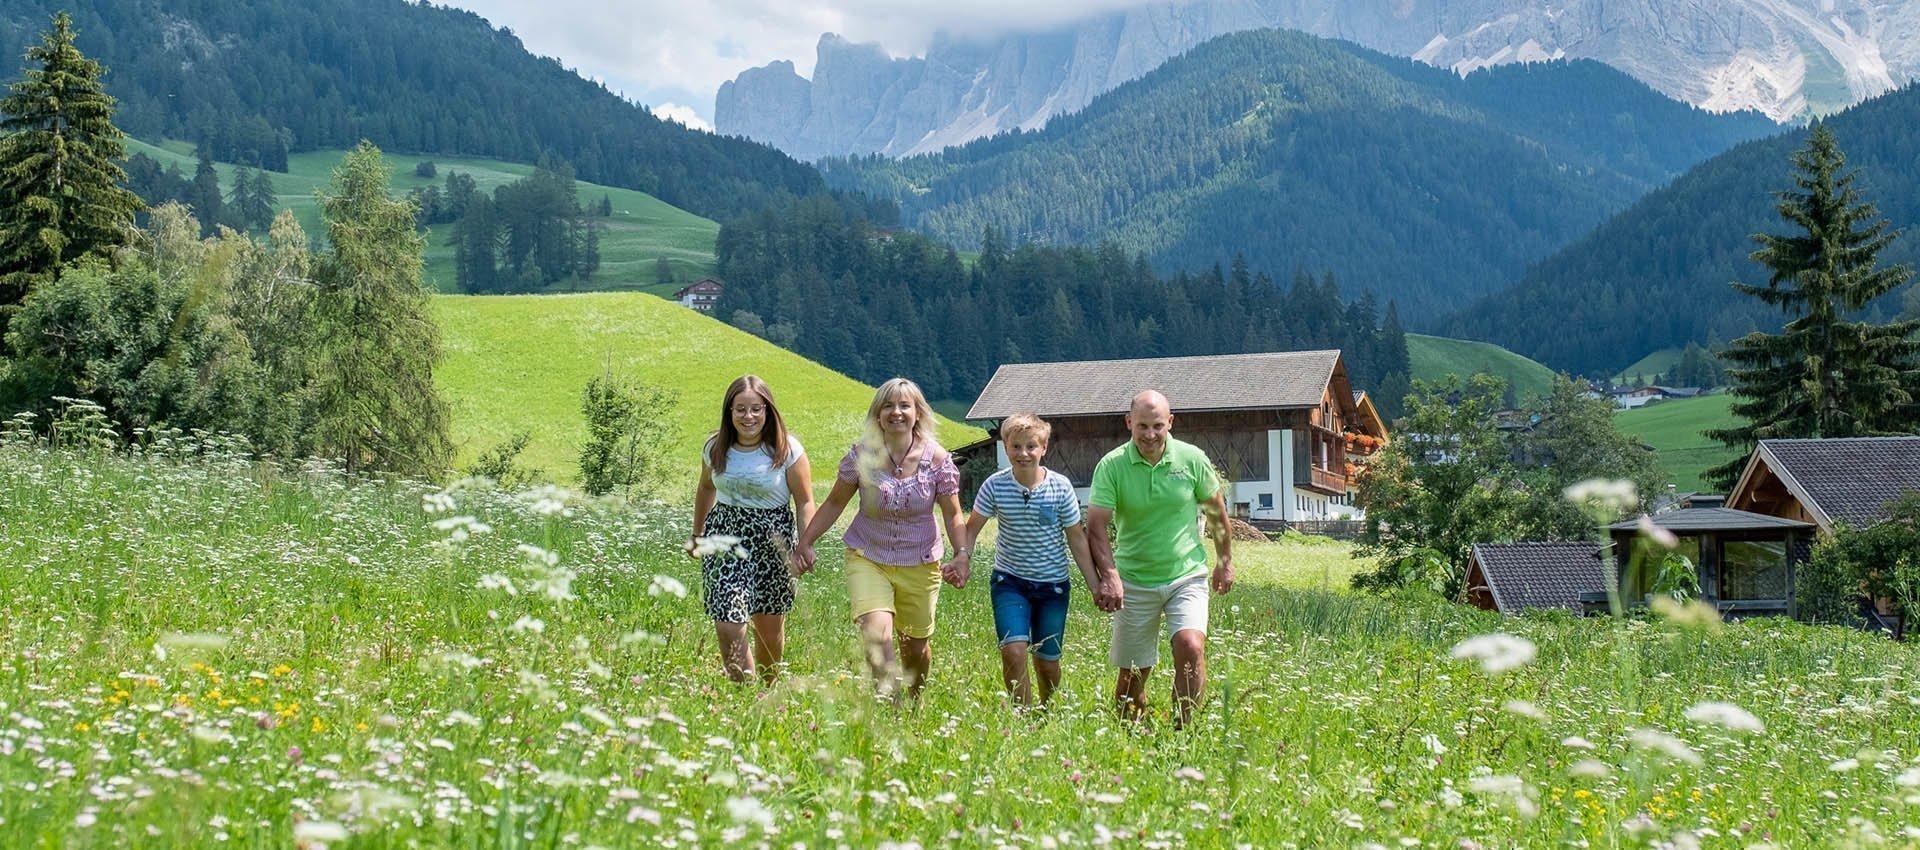 Urlaub auf dem Bauernhof in Villnöss Südtirol